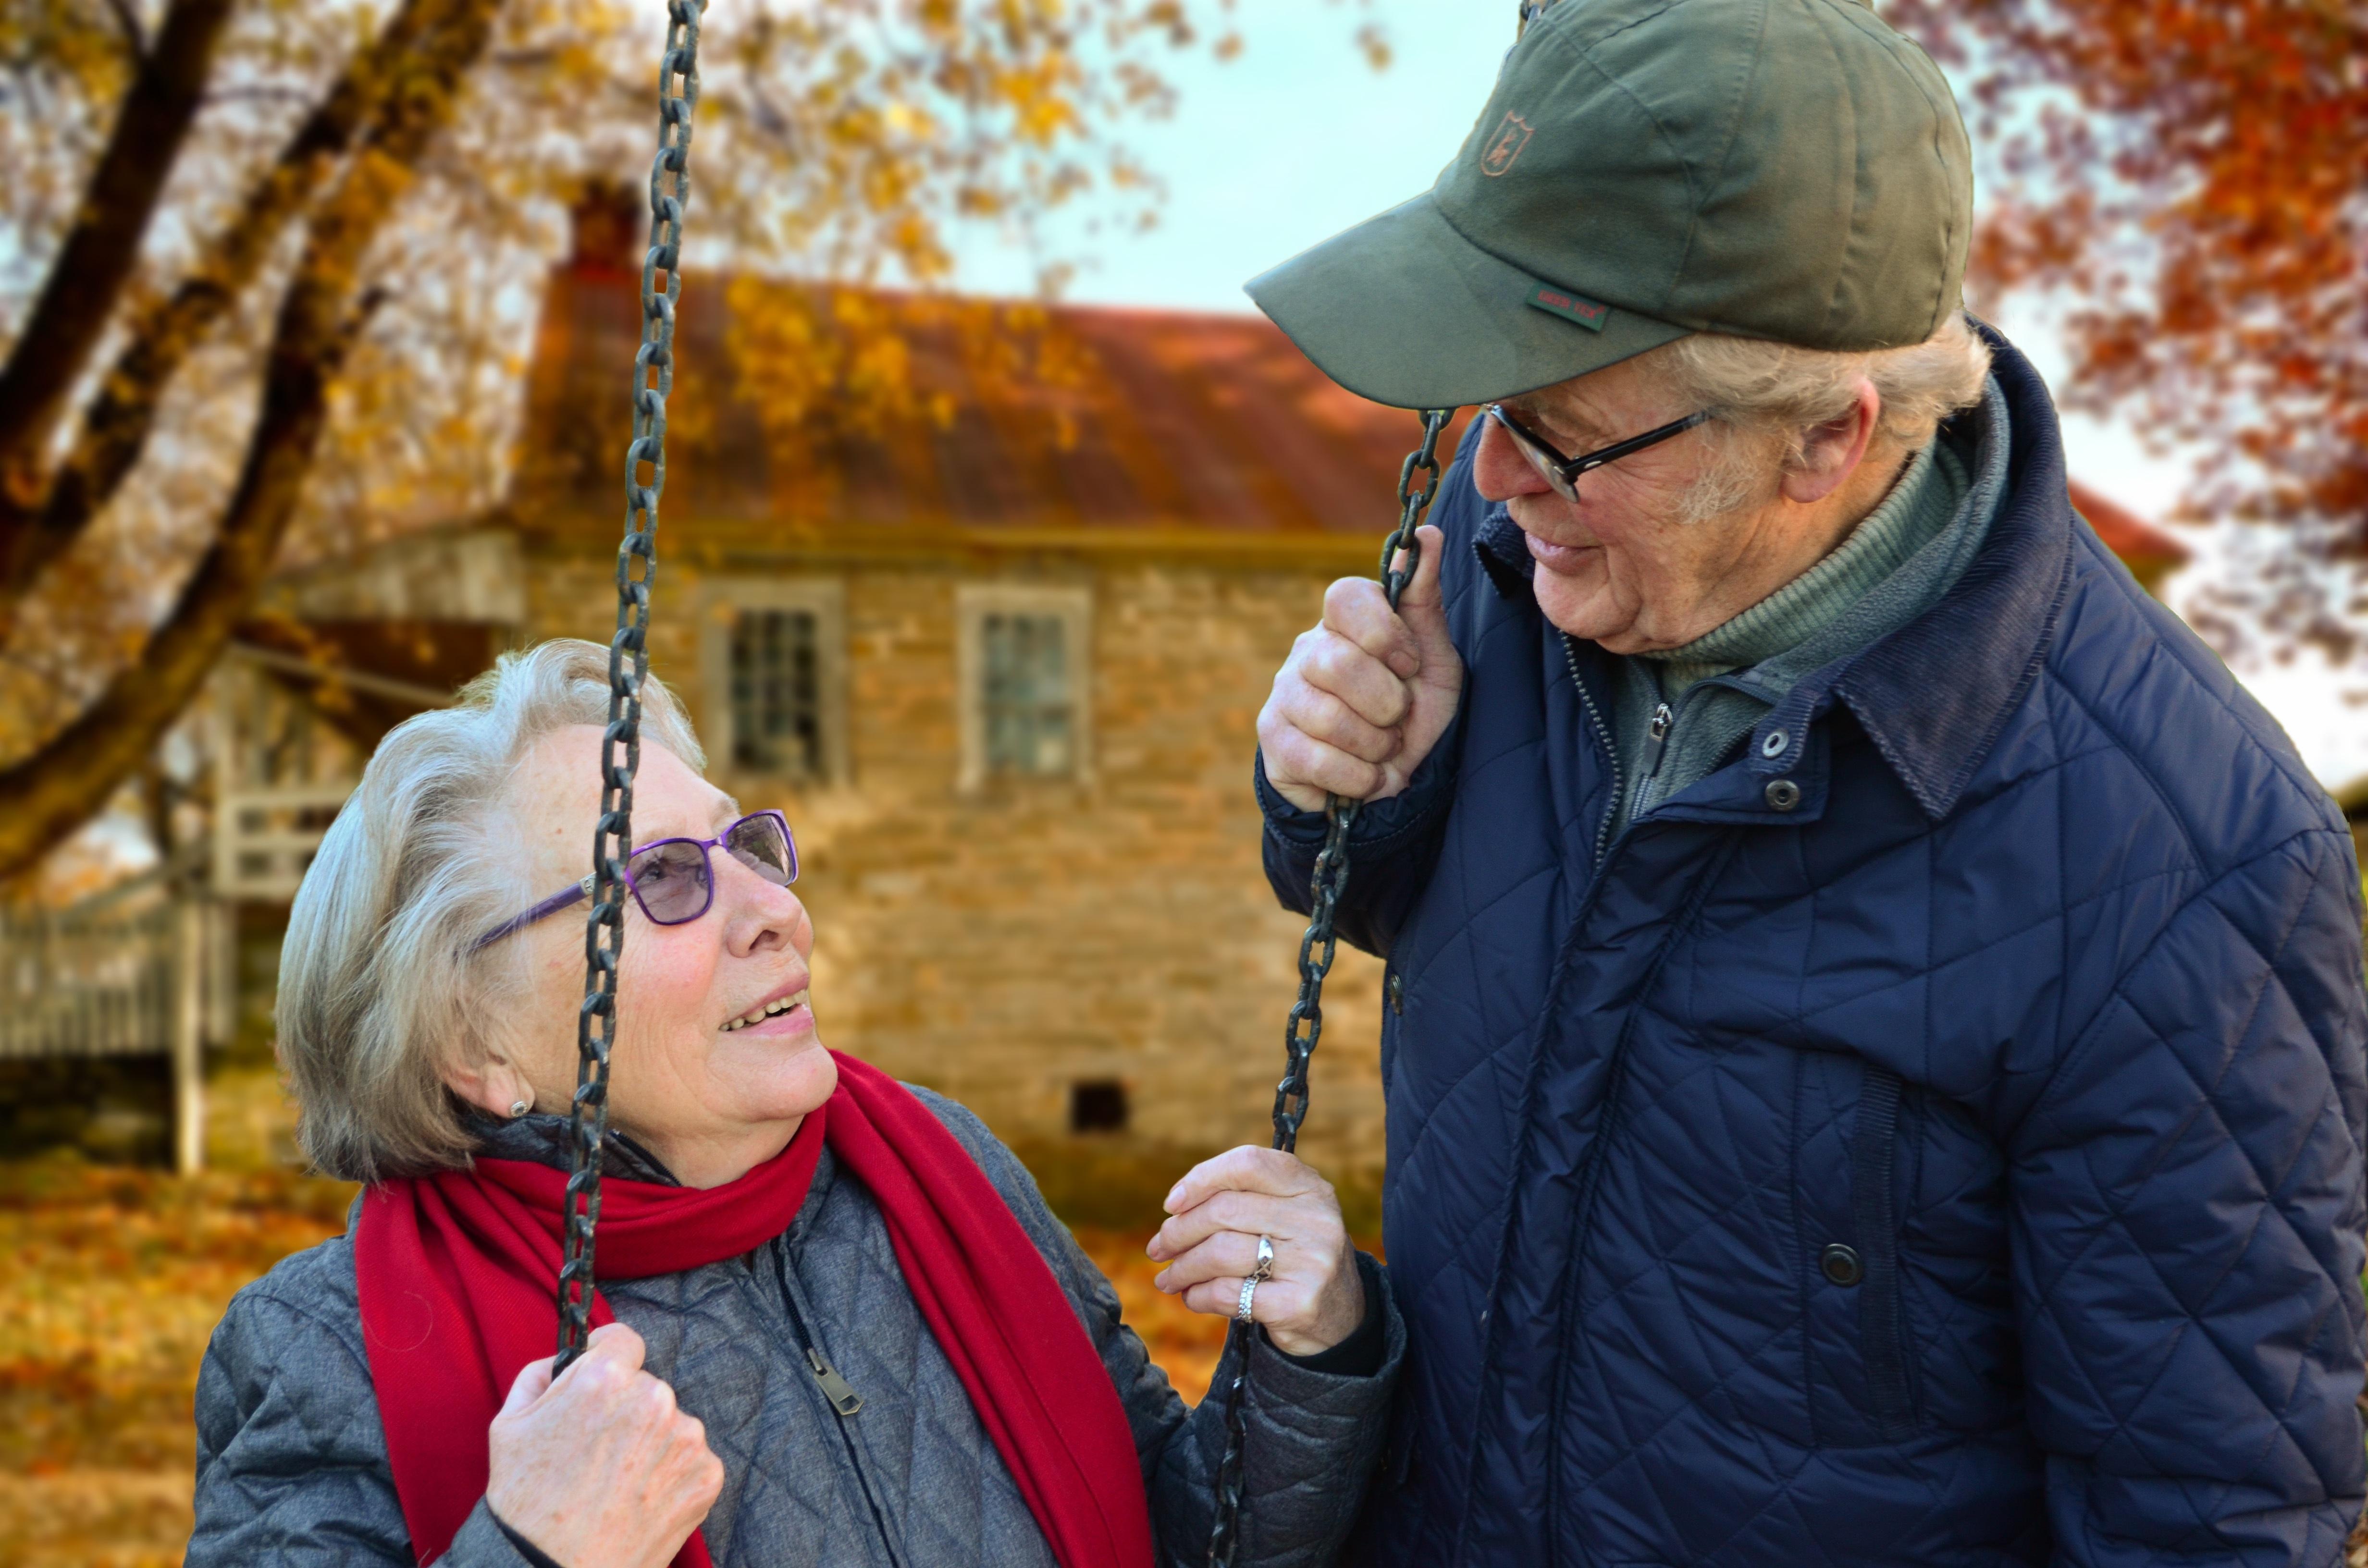 不赡养老人的法律责任有哪些?赡养义务相关法律规定有哪些?